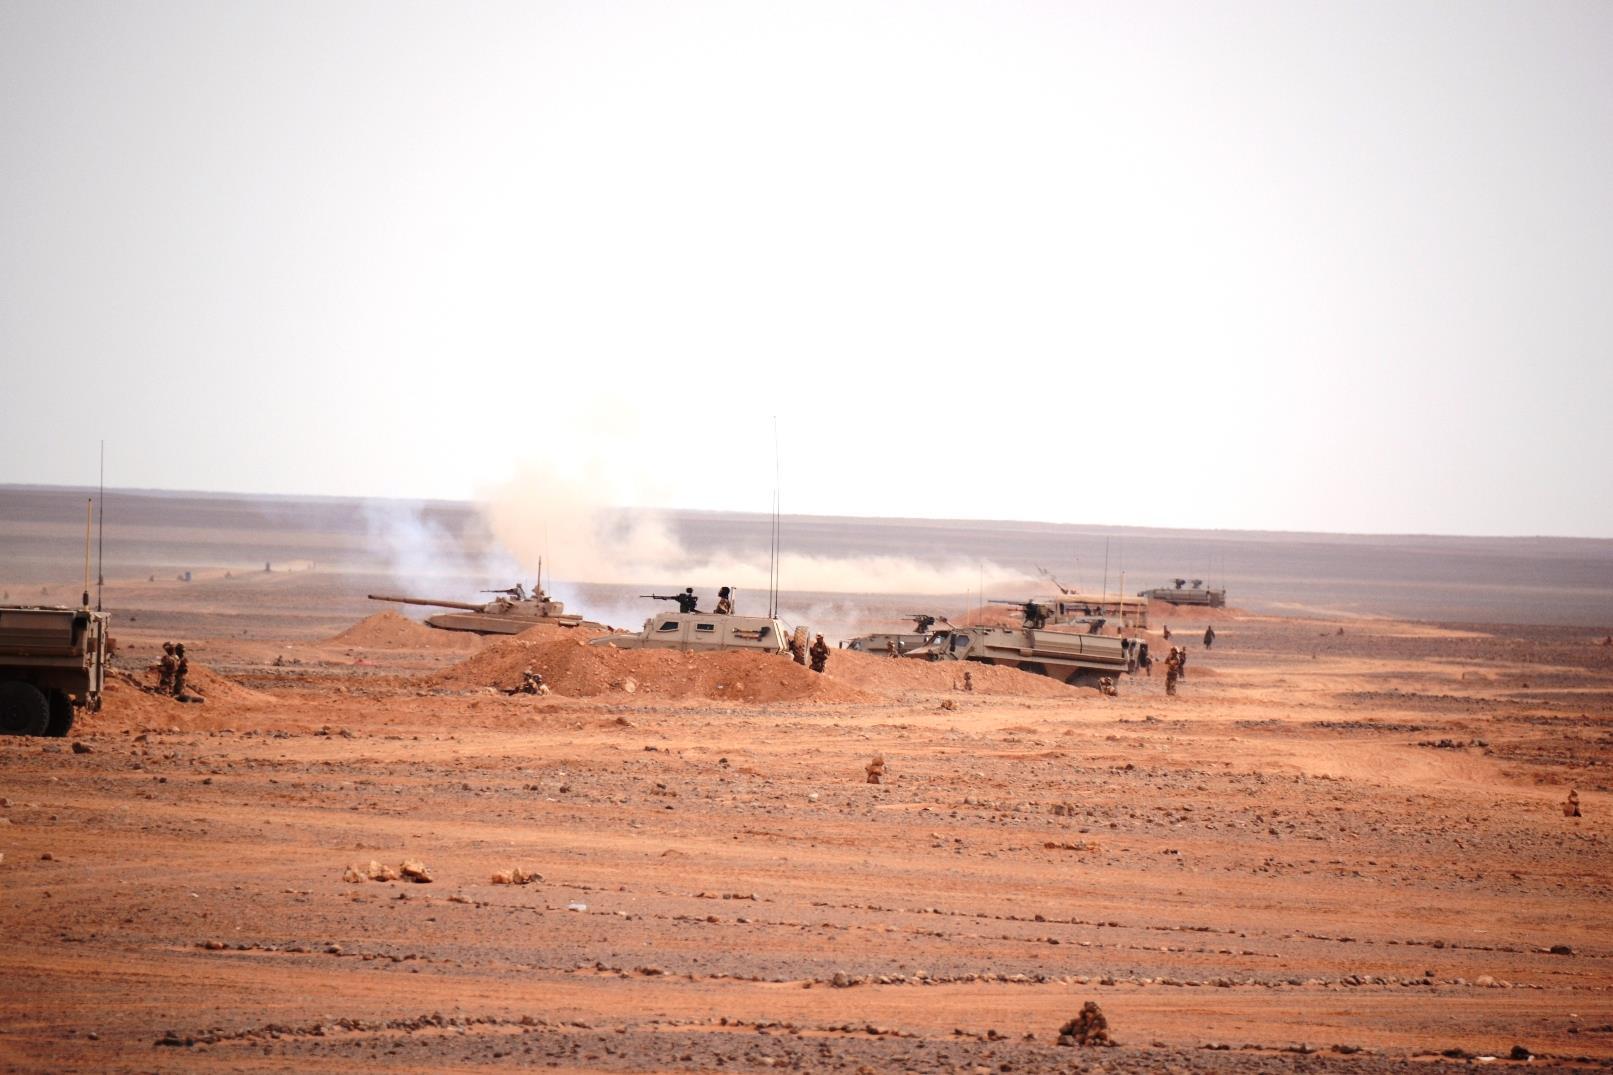 الصناعة العسكرية الجزائرية ... مدرعات ( فوكس 2 ) - صفحة 5 13495558_10210026073674002_943122653079099592_o